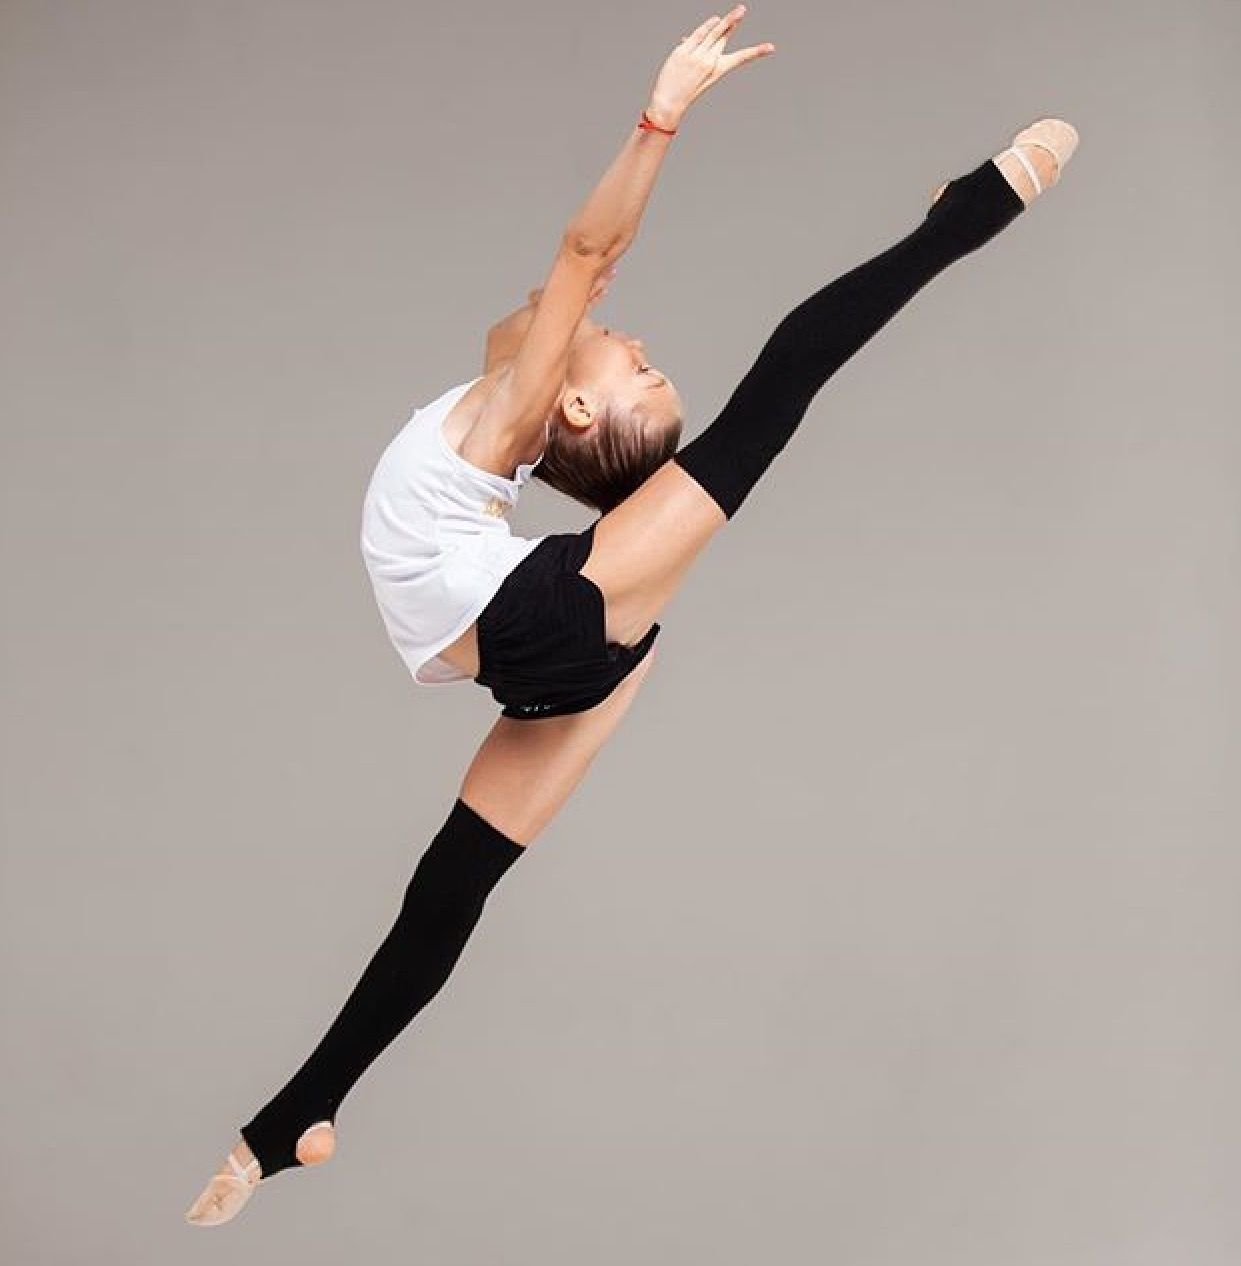 позы для начинающих гимнастике картинки хотя